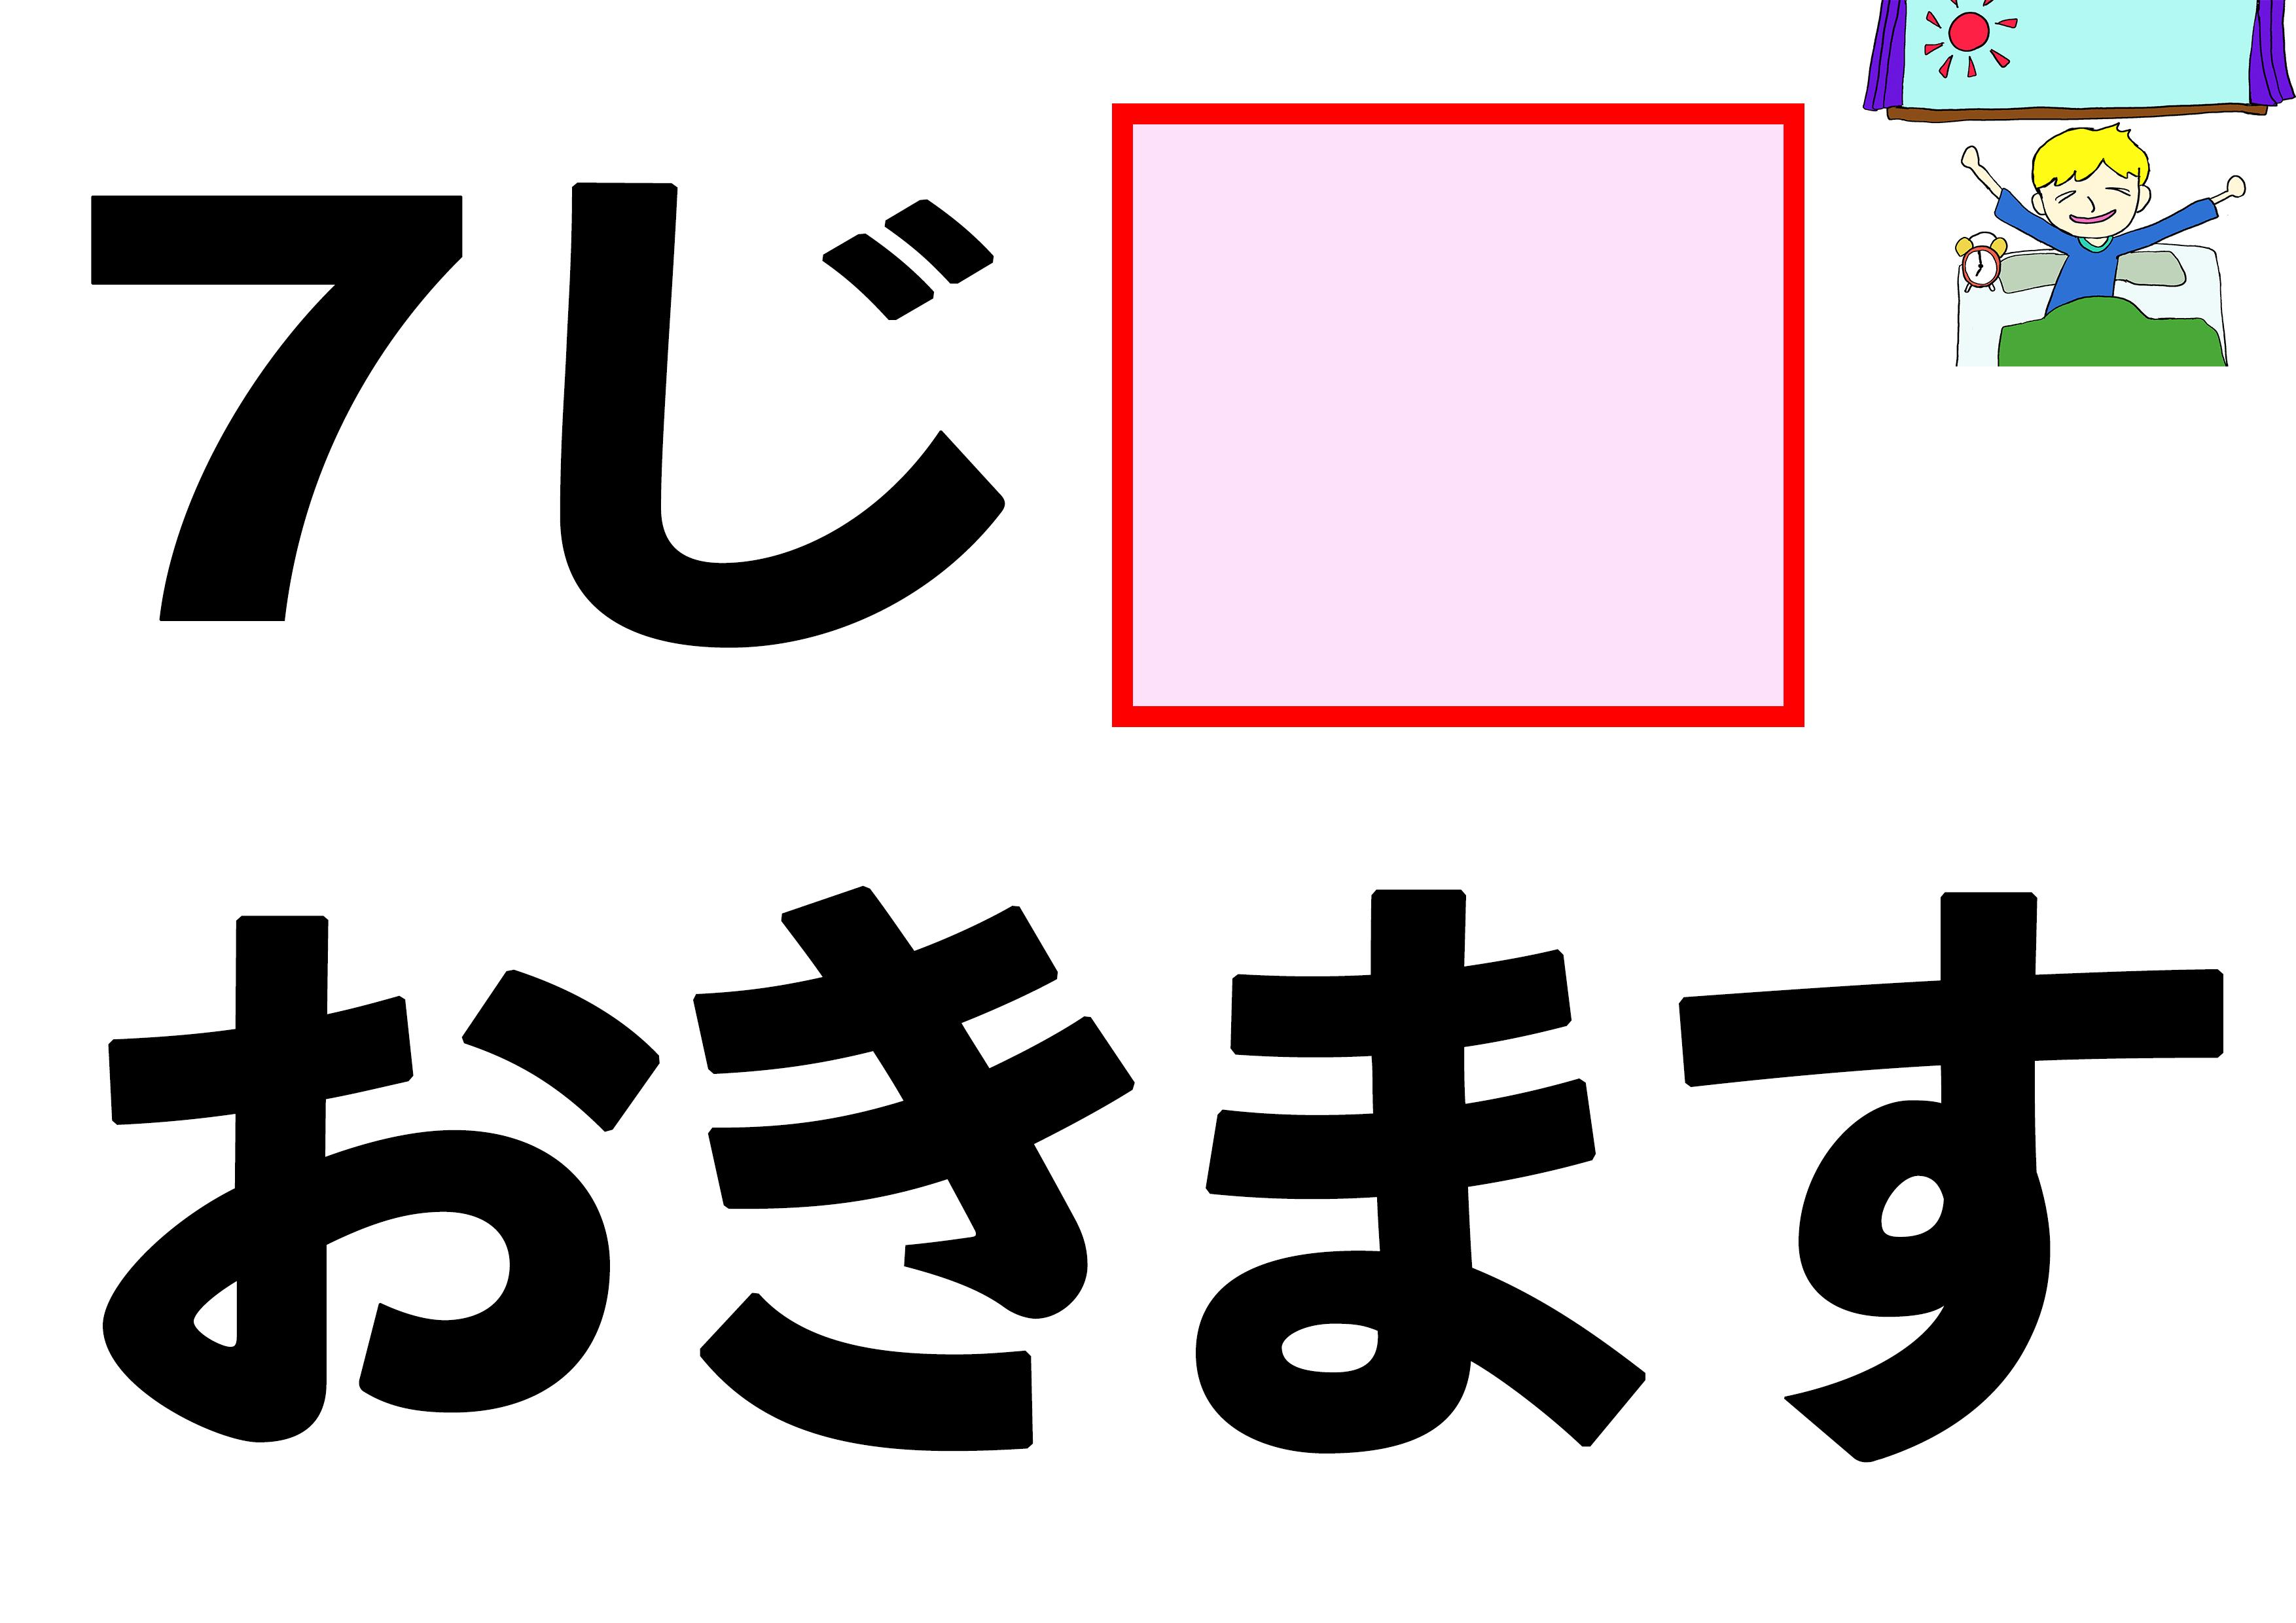 5課文字カード【7時に起きます】